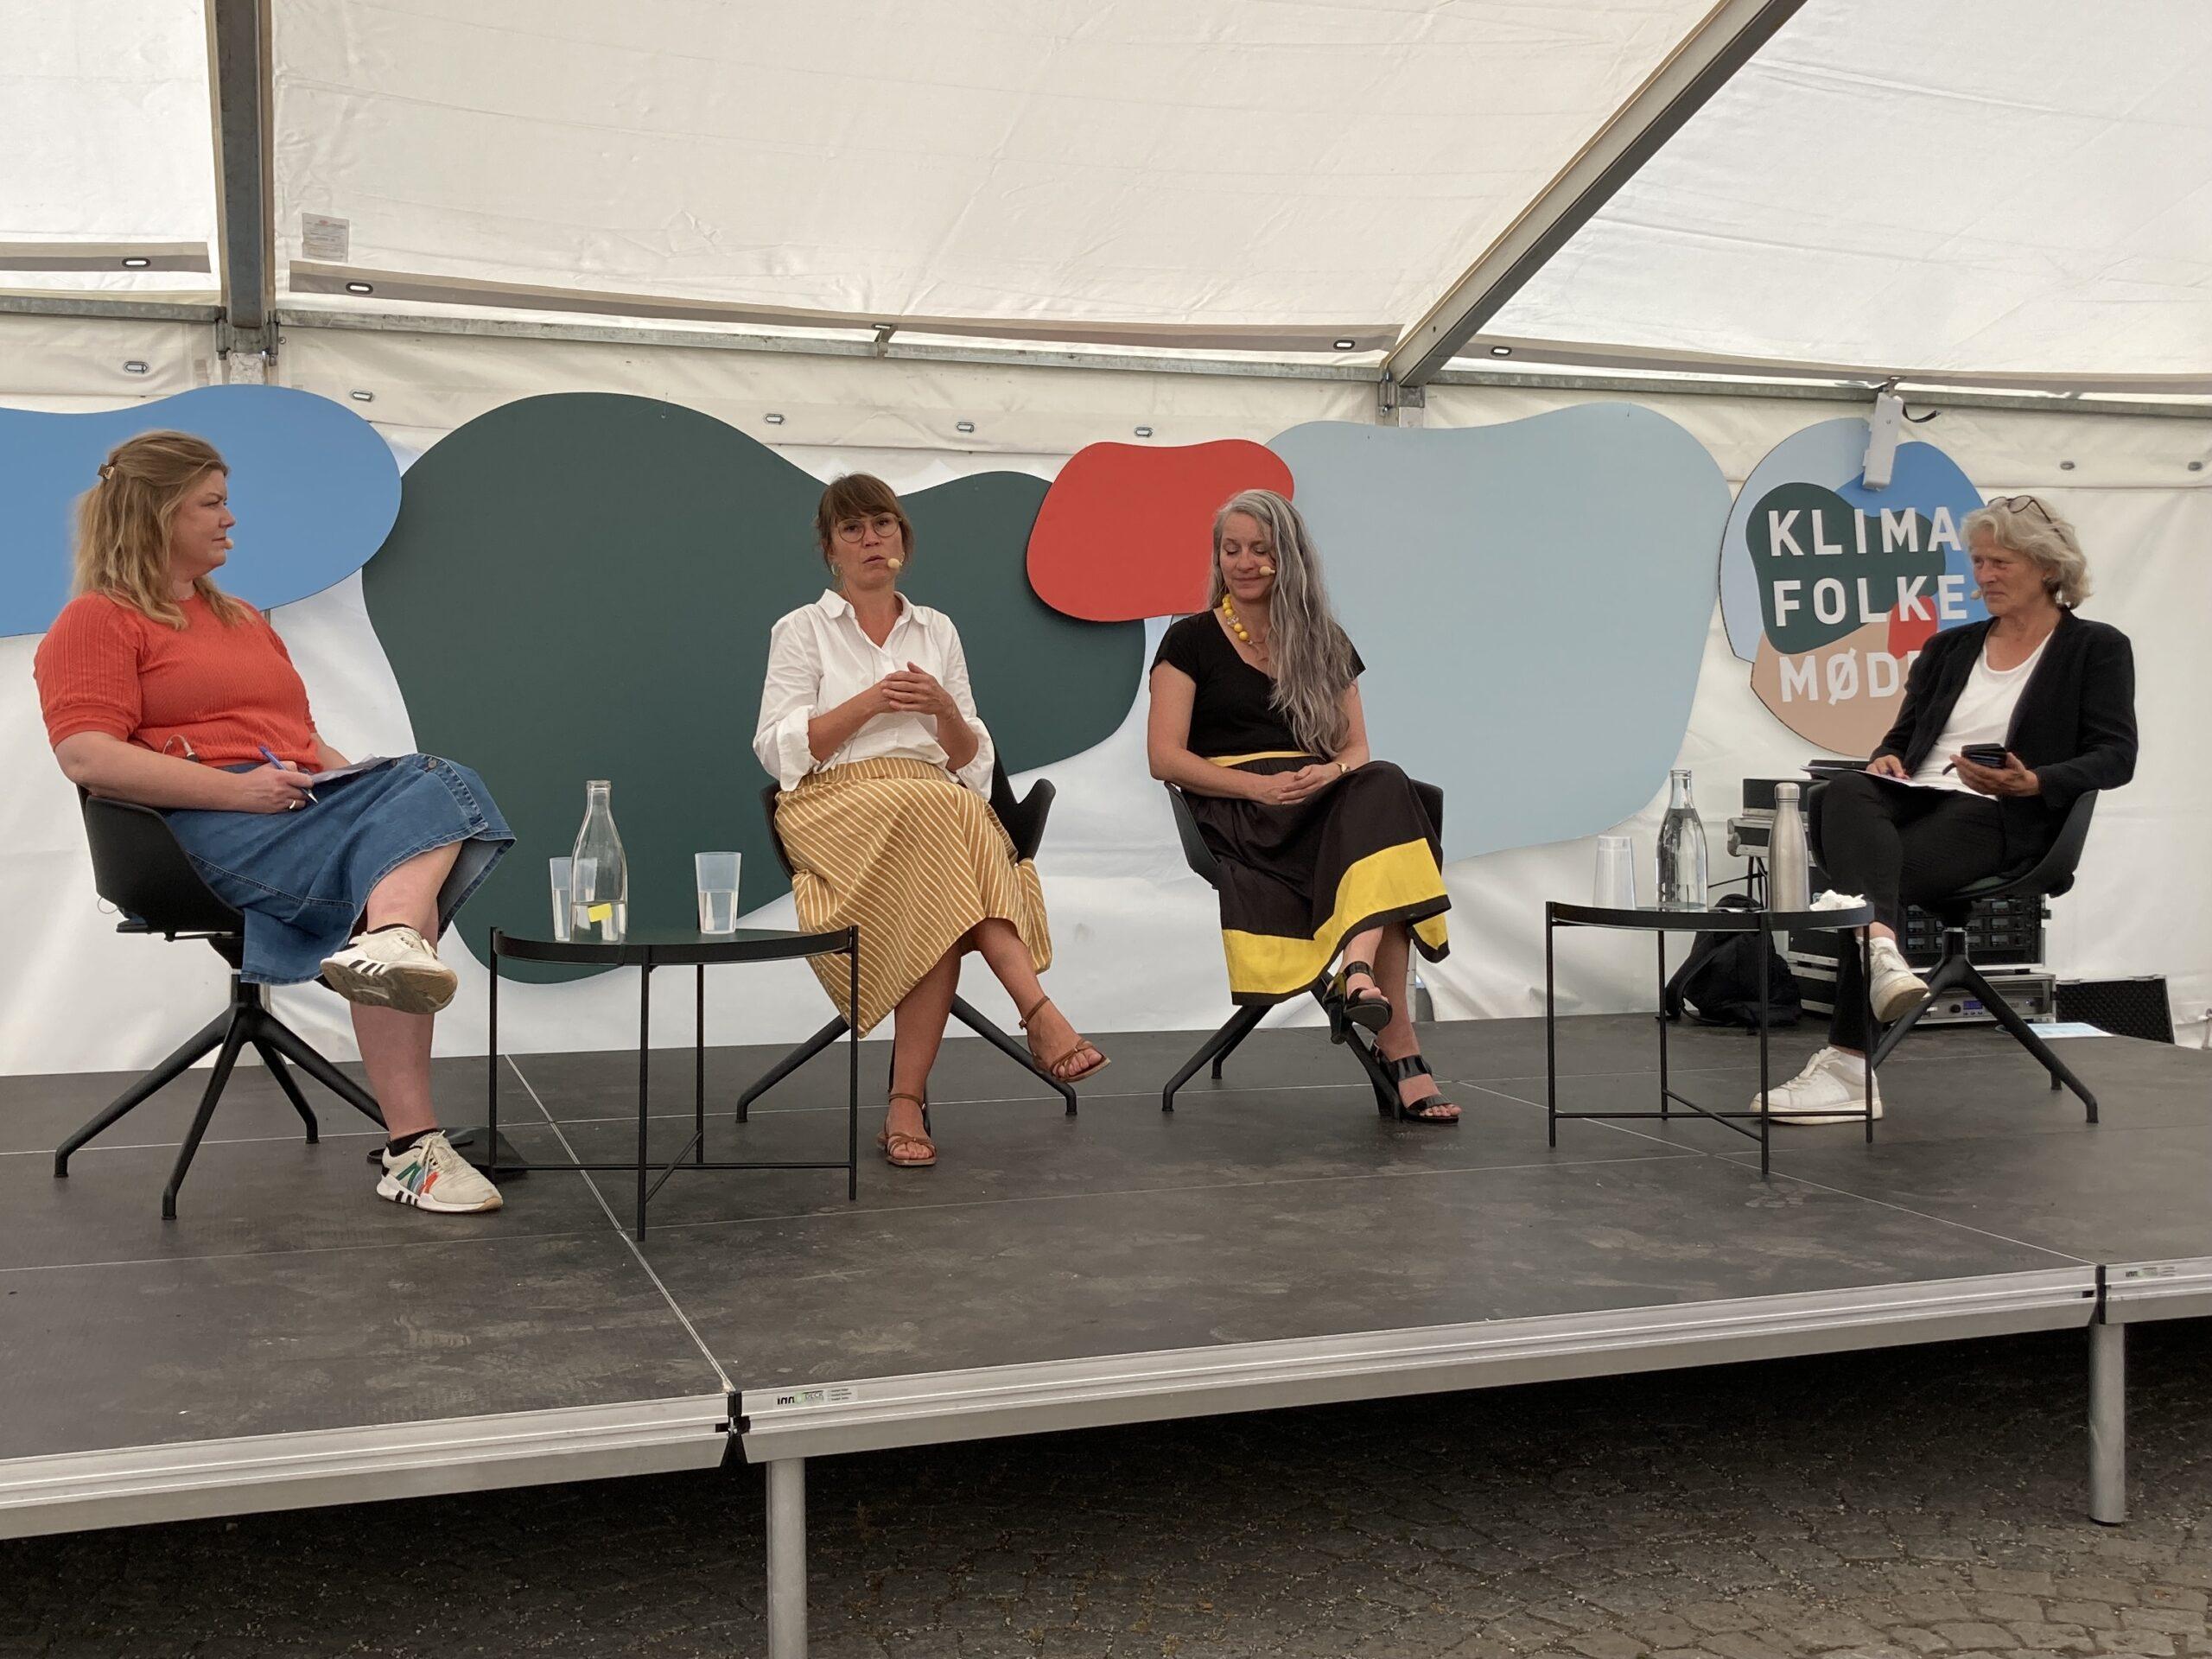 Klimafolkemøde Middelfart 2021